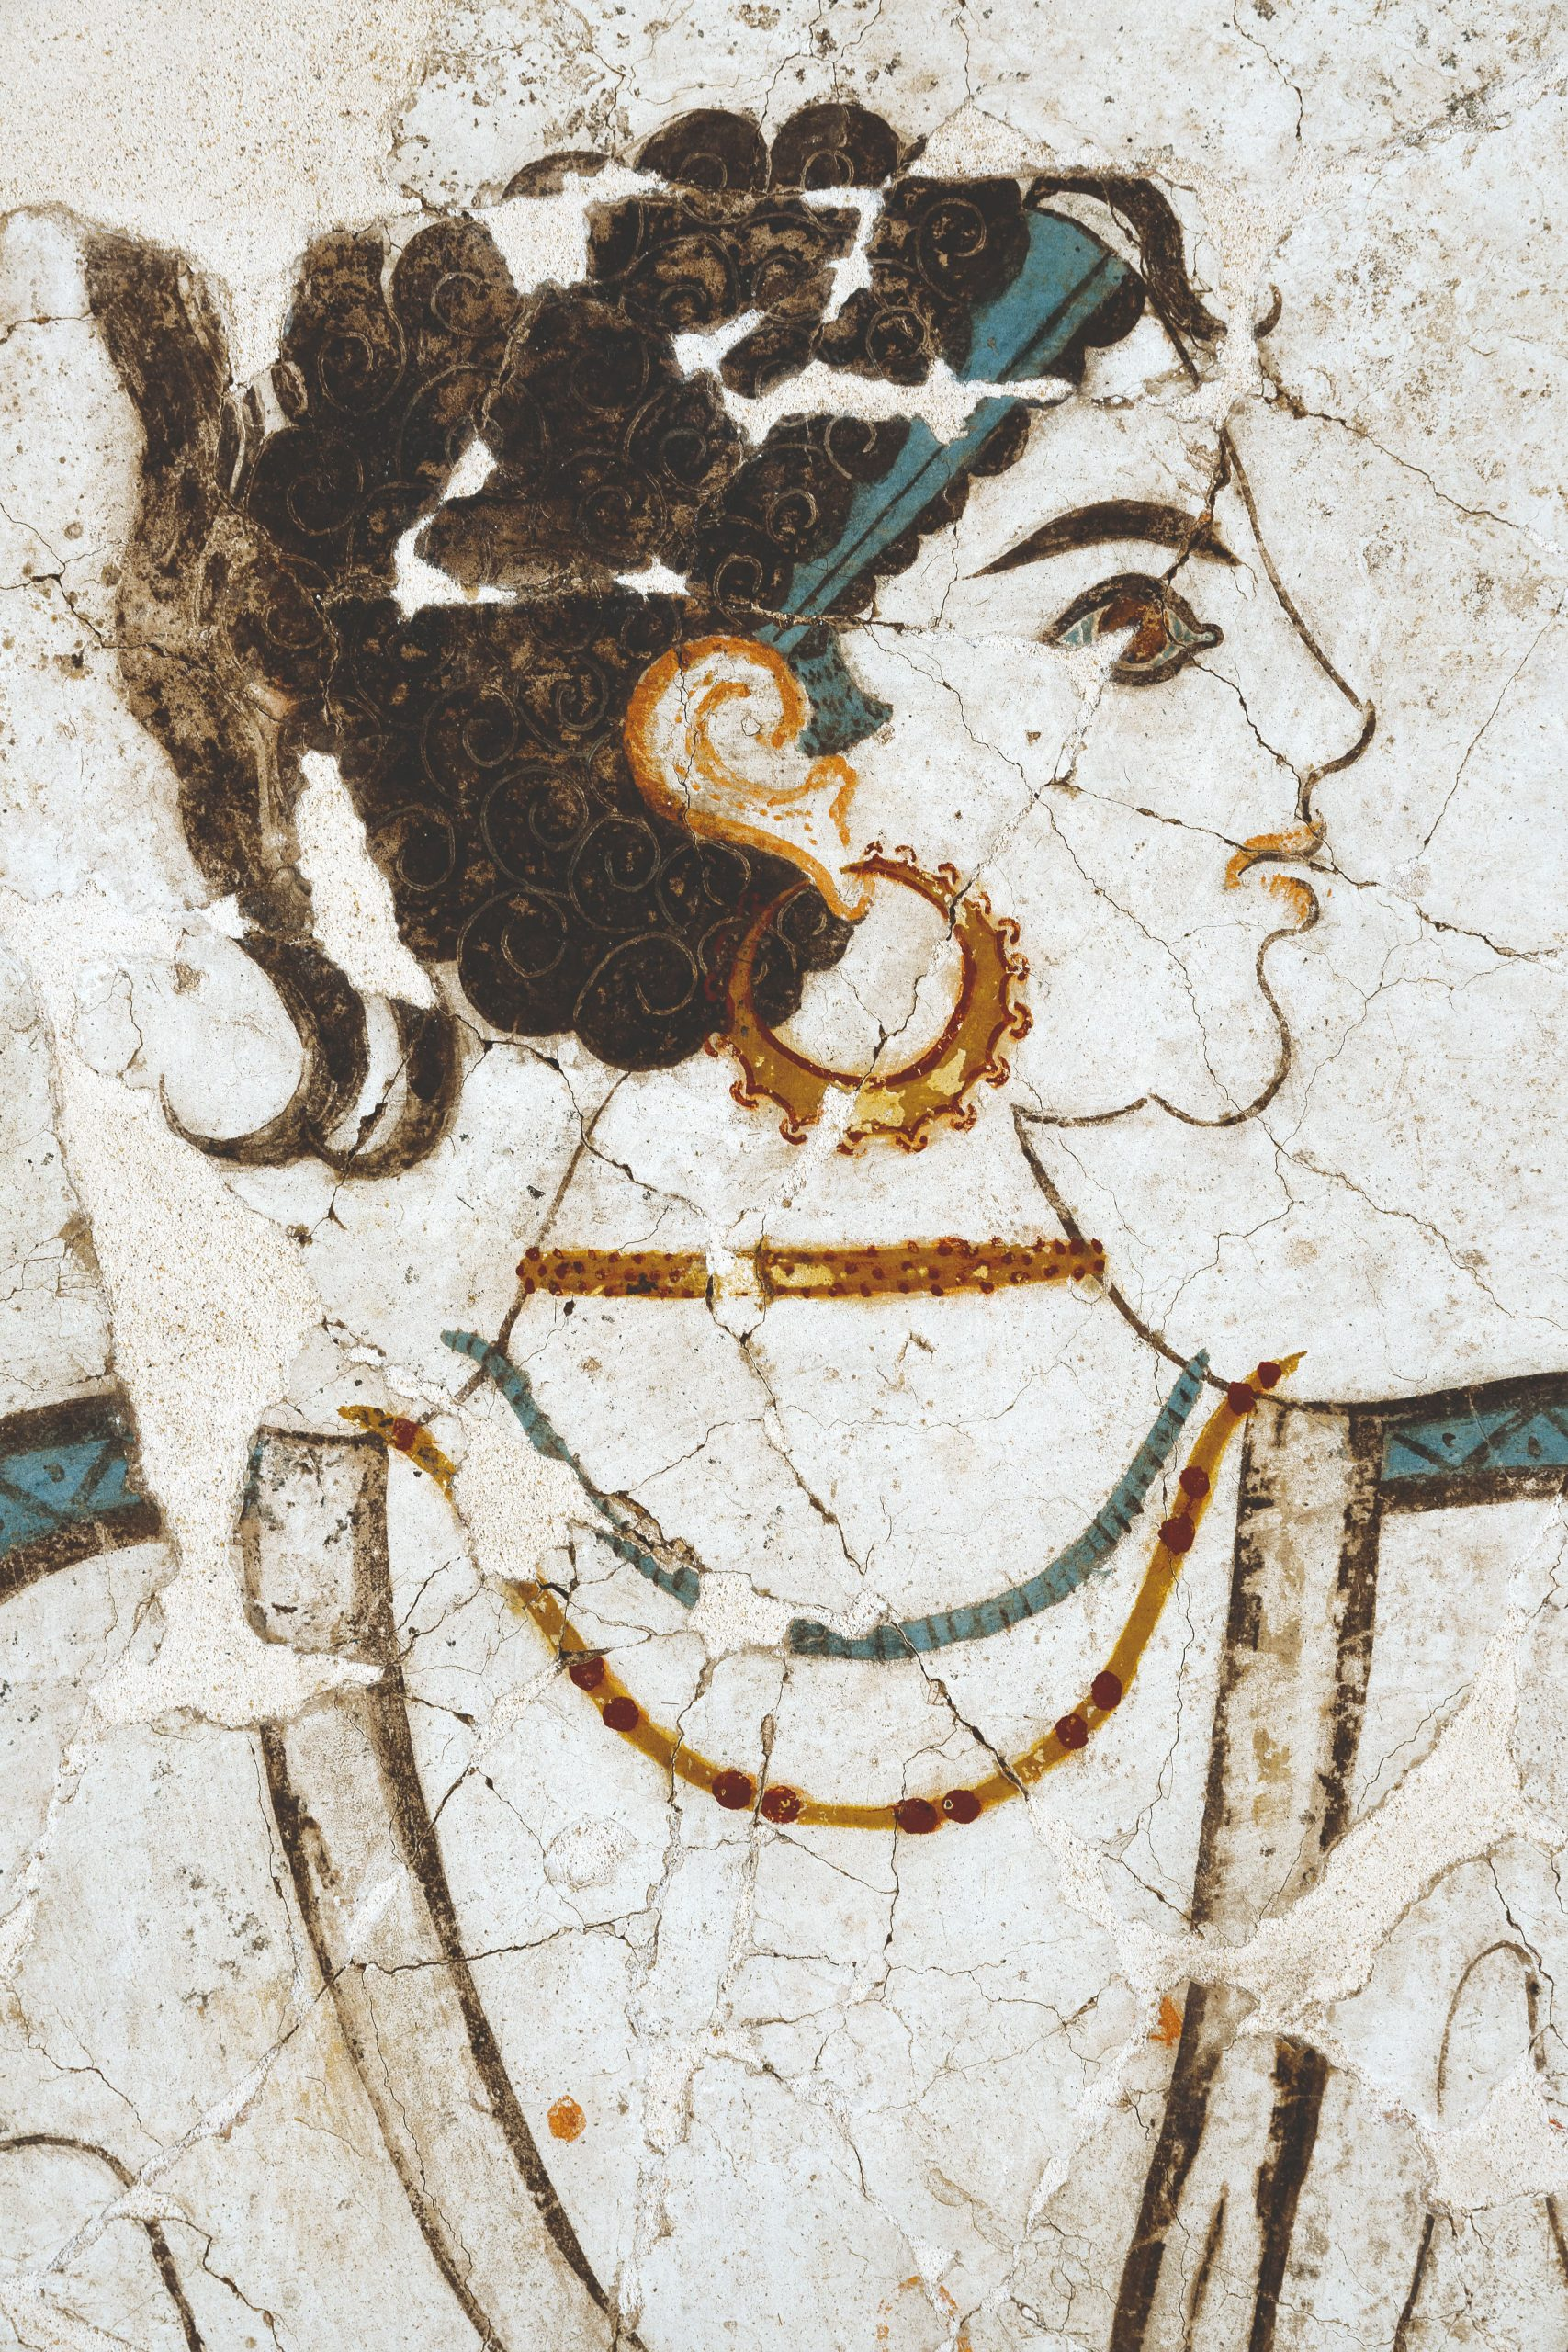 Θηραϊκές τοιχογραφίες – Ο θησαυρός του Προϊστορικού Αιγαίου